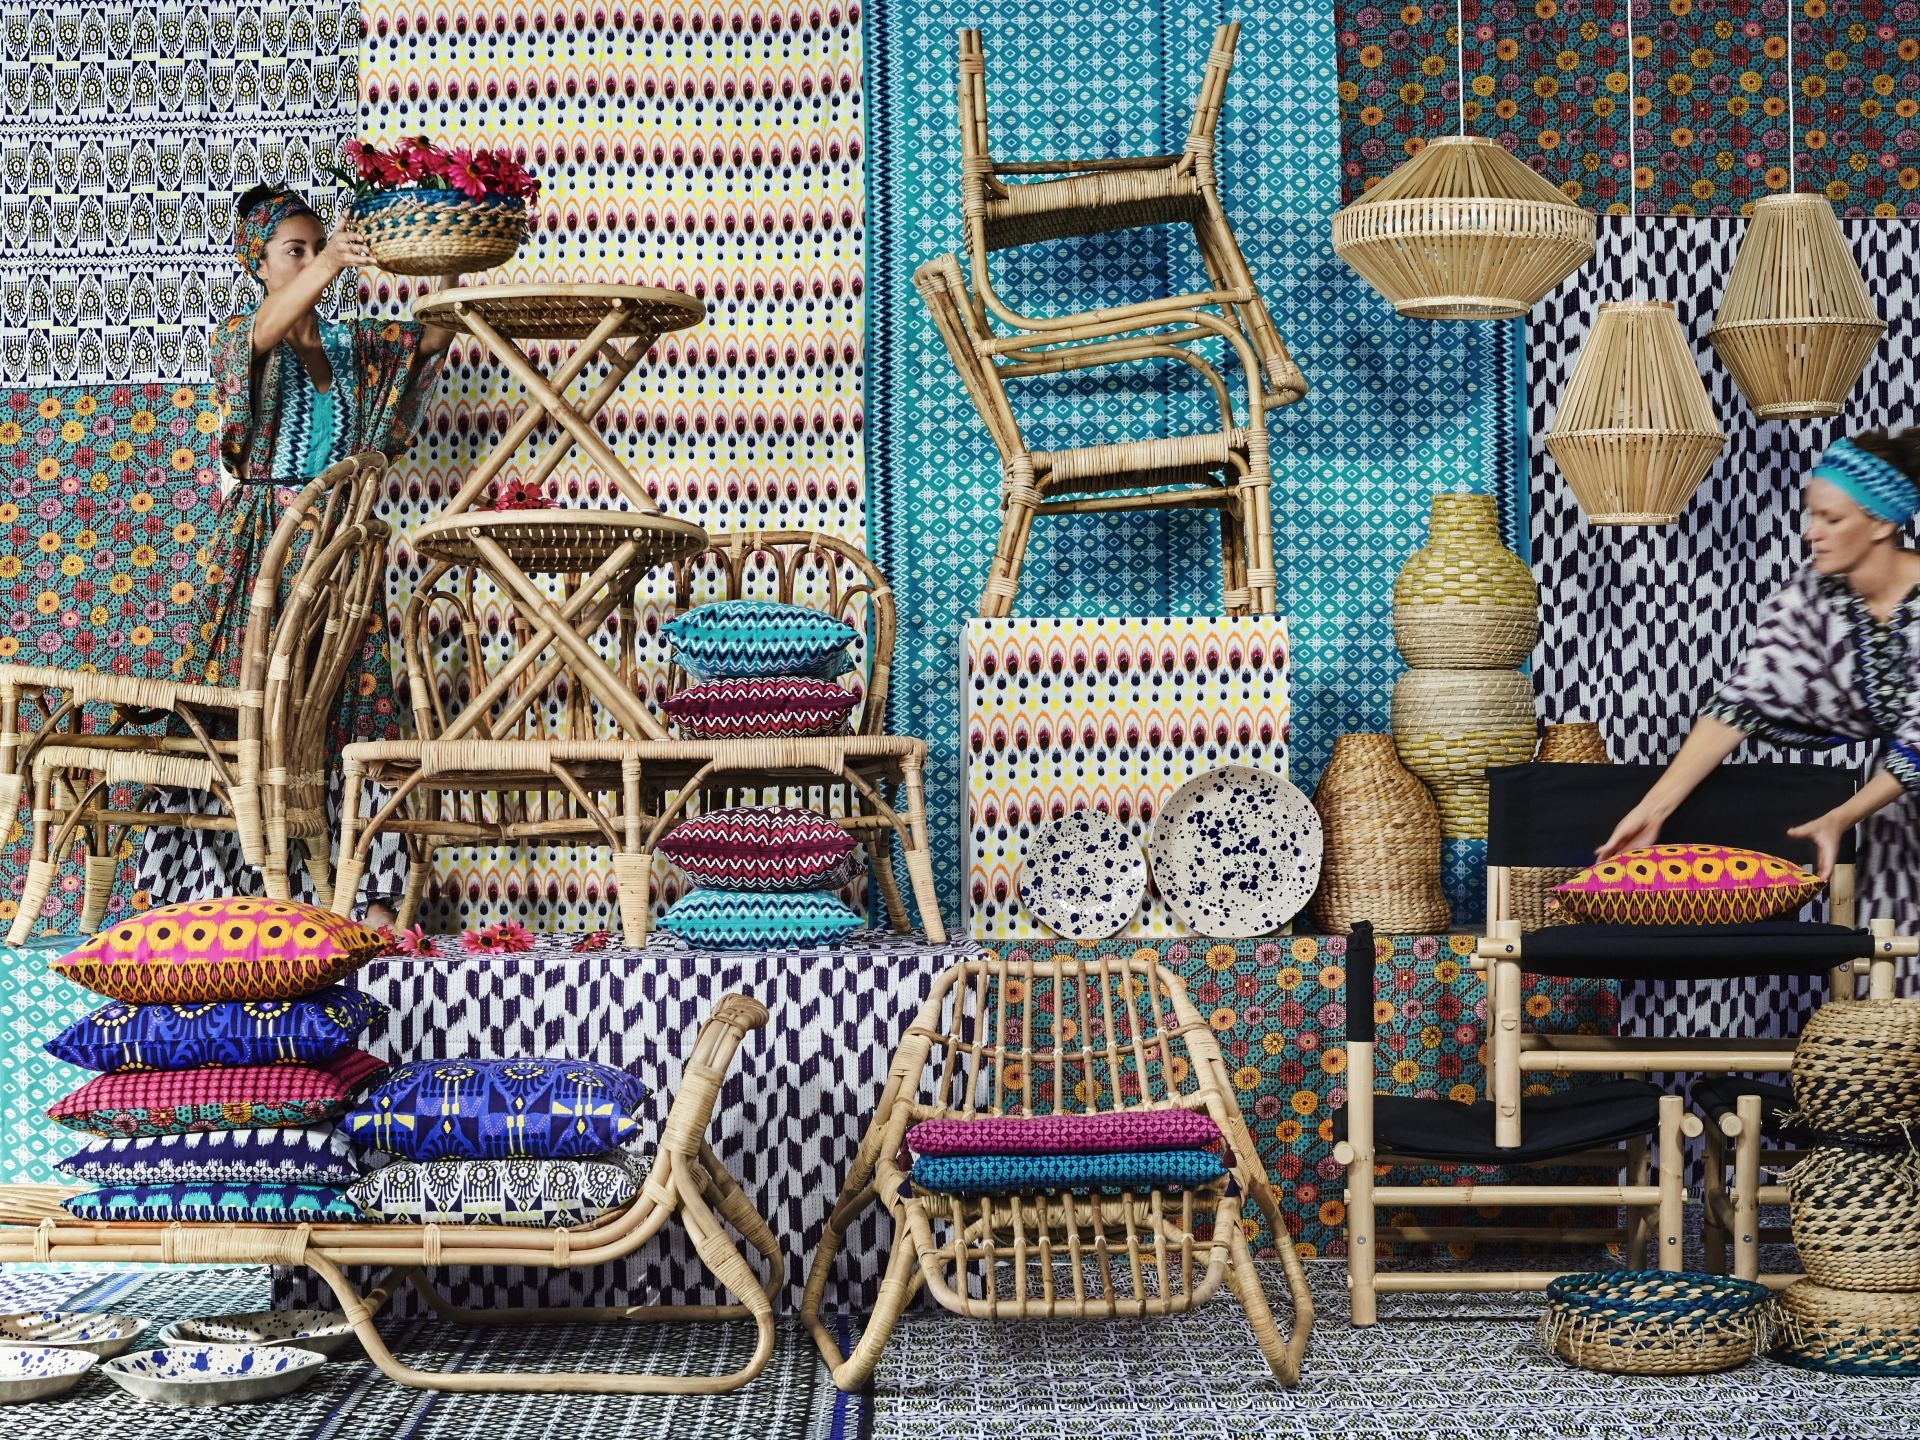 JASSA fauteuil | IKEA IKEAnl IKEAnederland nieuw Piet Hein Eek ...